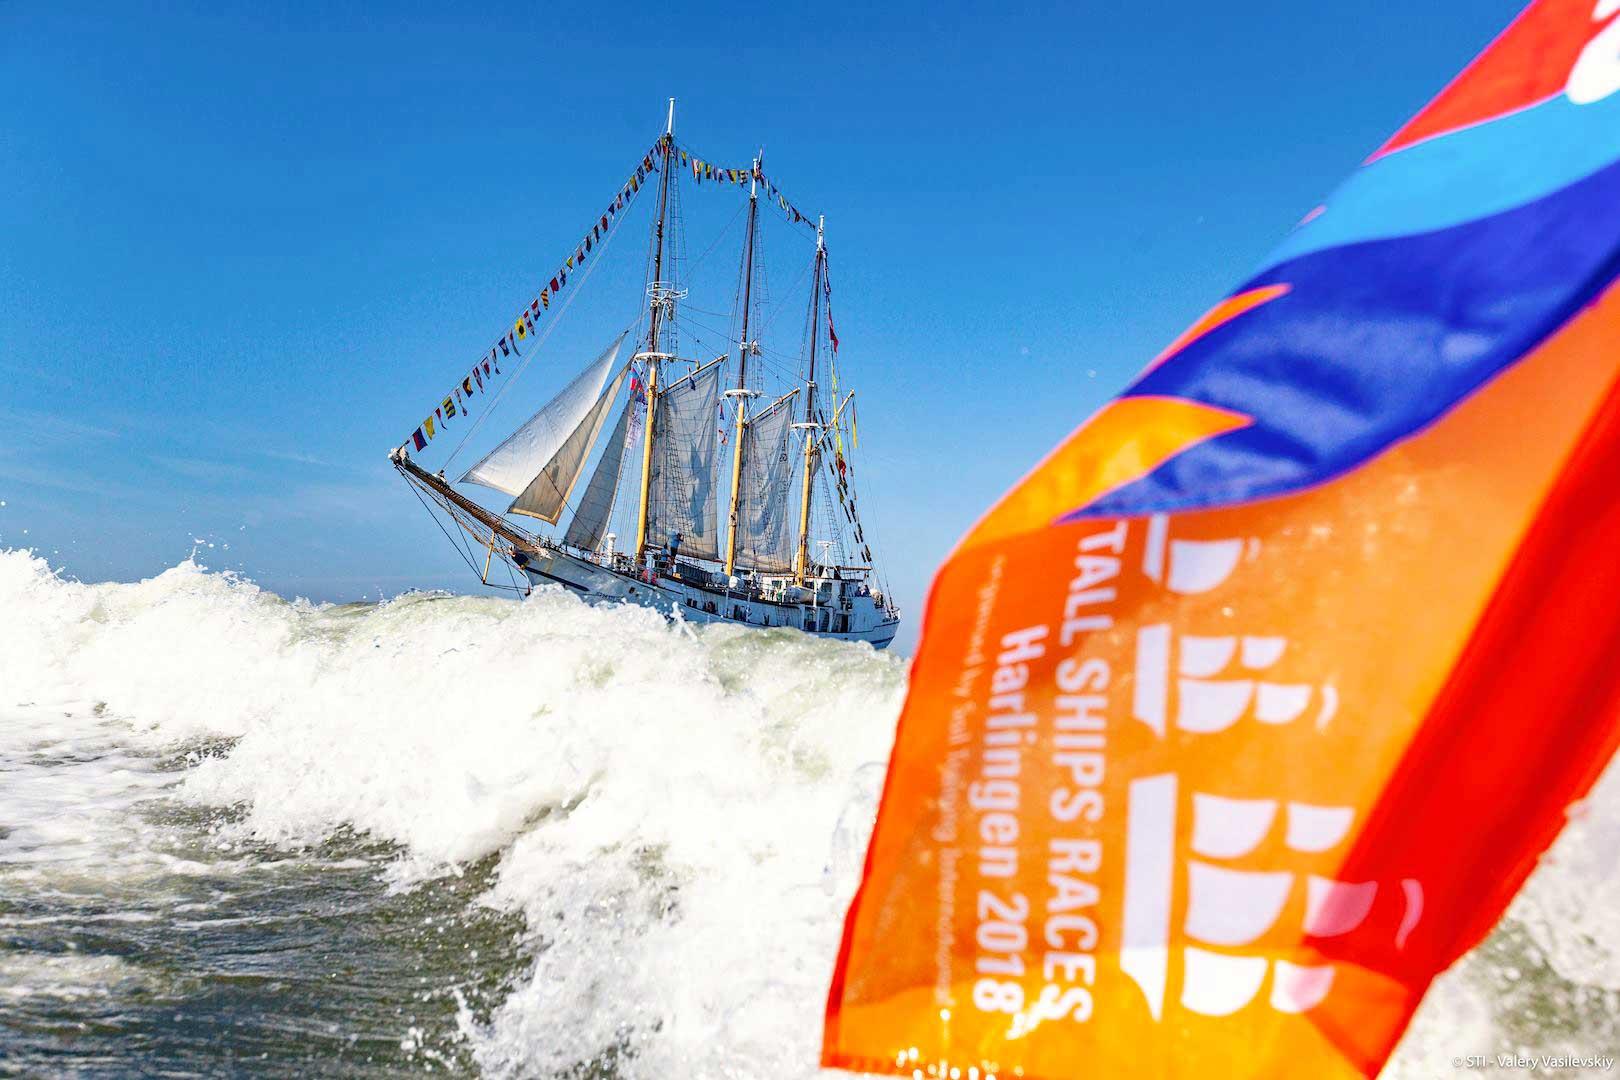 Zwischenstand Tall Ships Race 2019